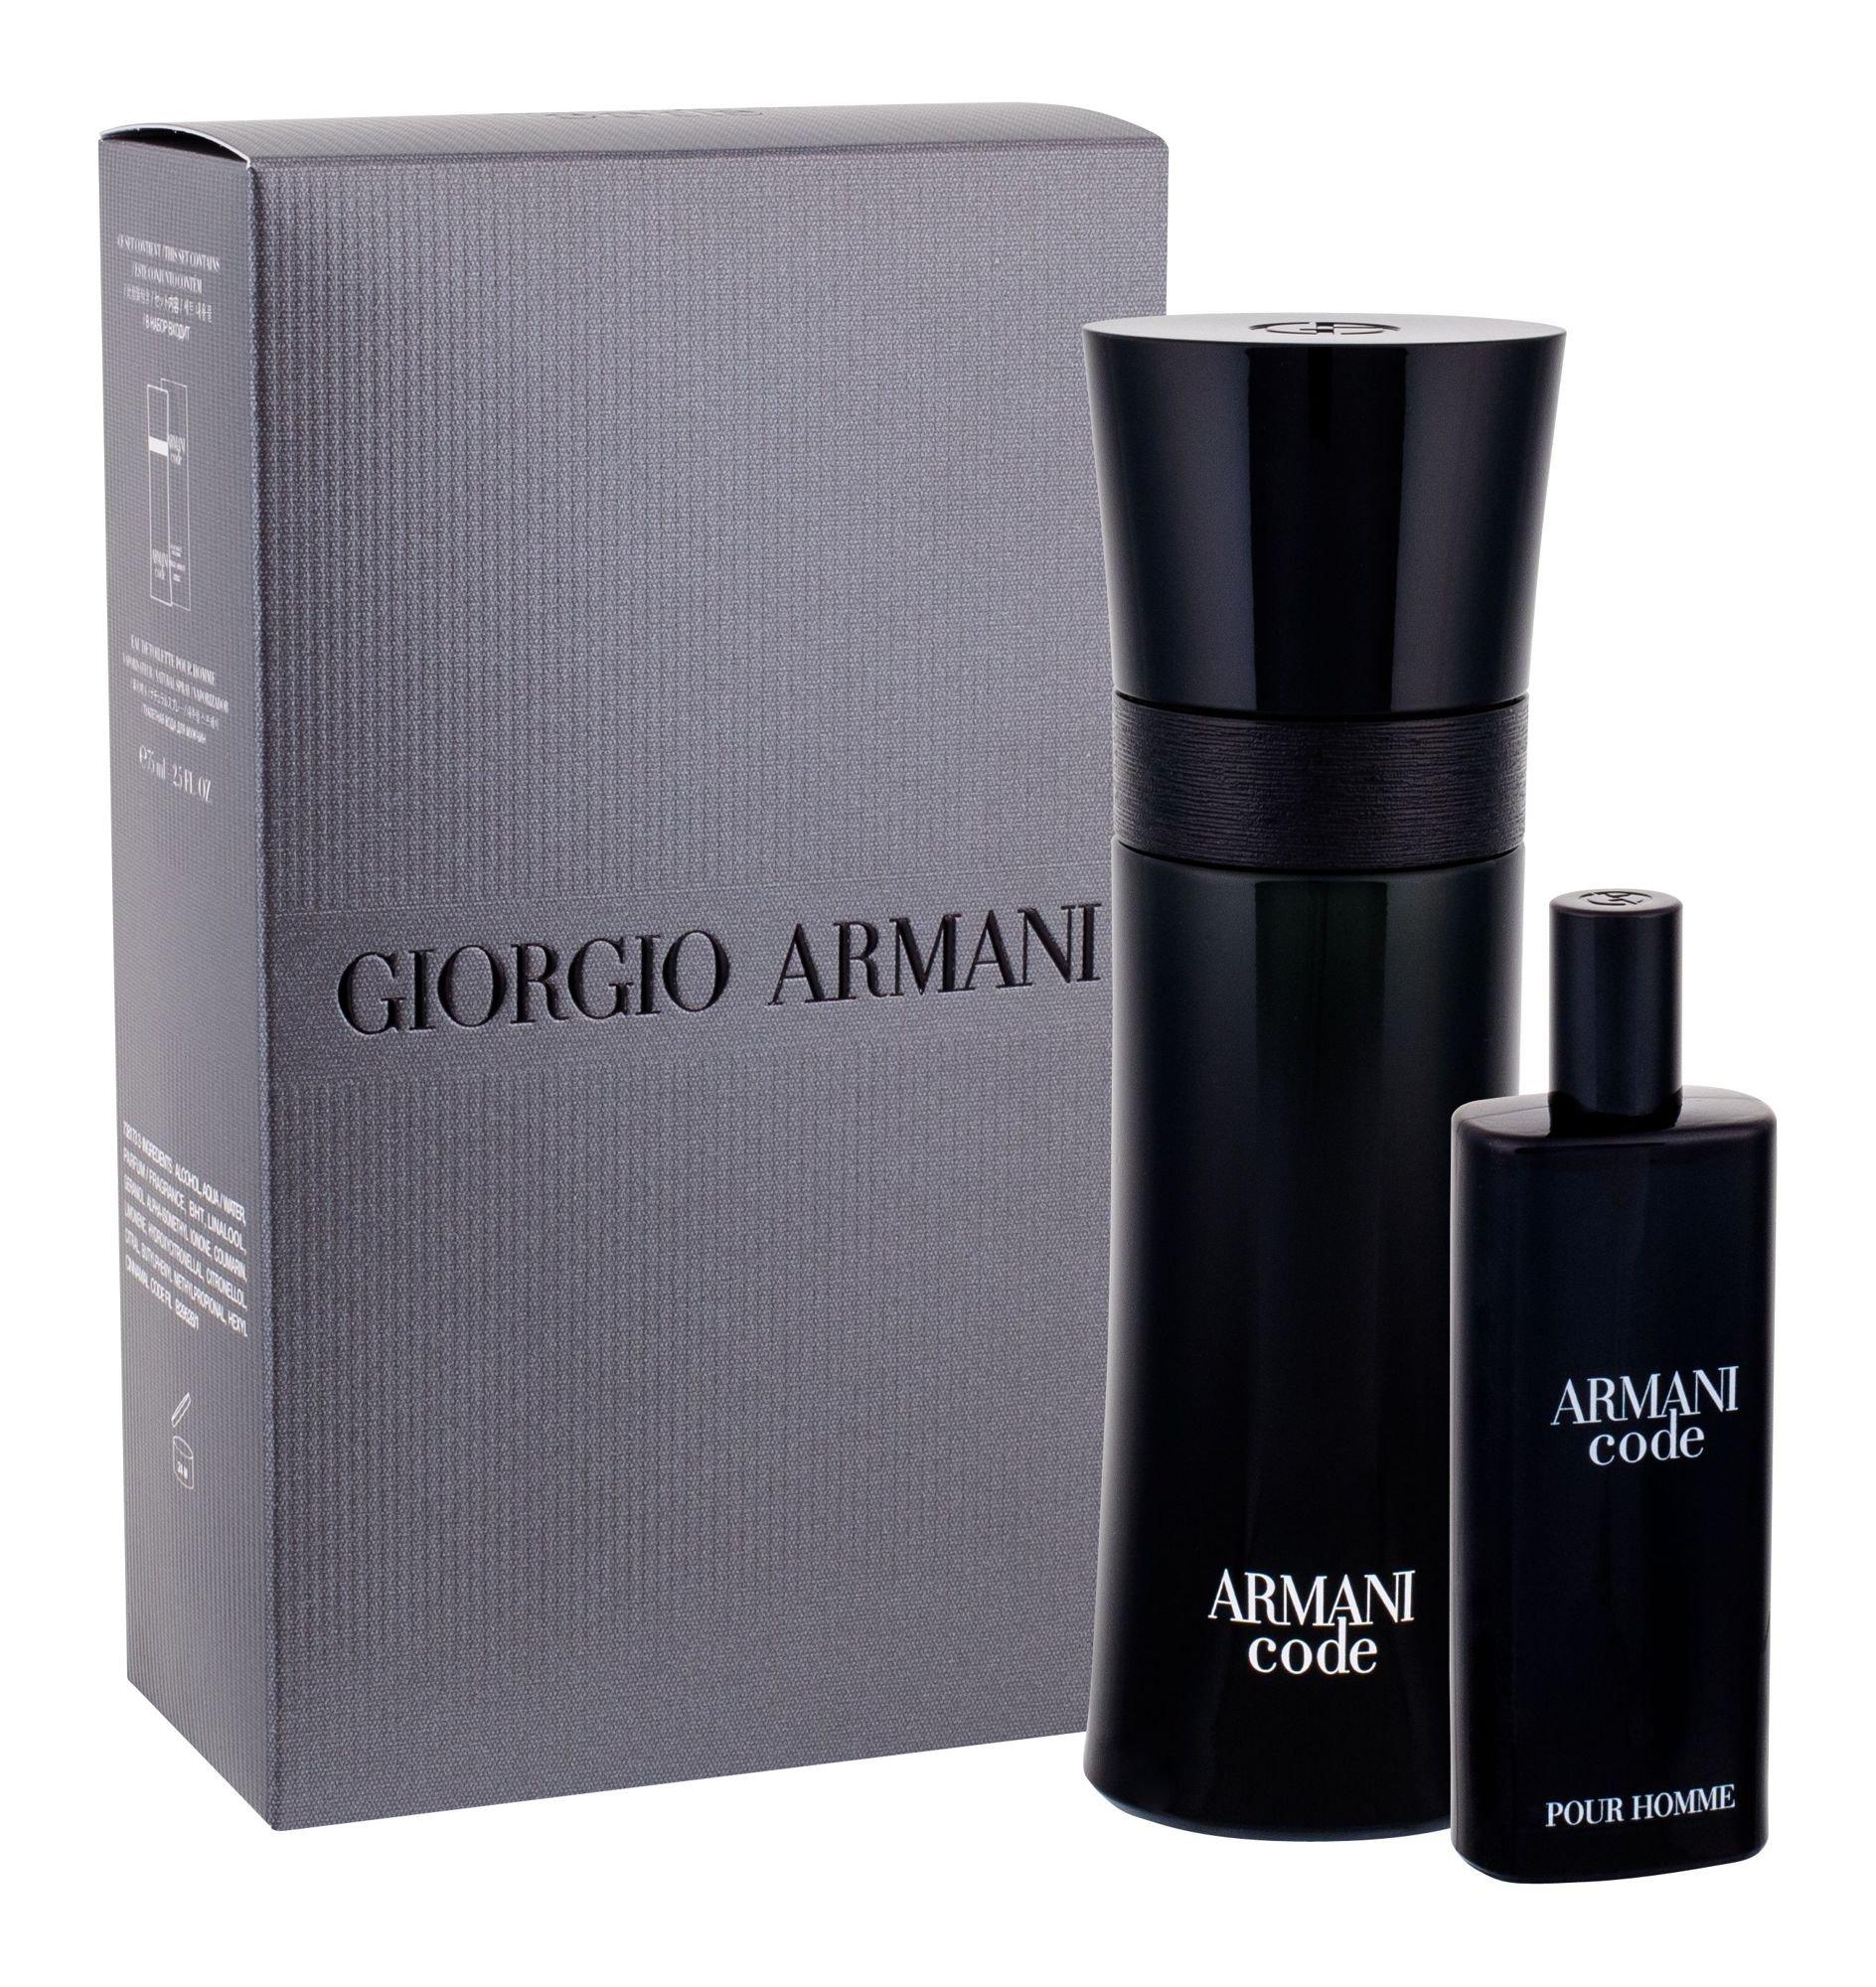 Giorgio Armani Armani Code Pour Homme, edt 75 ml + edt 15 ml